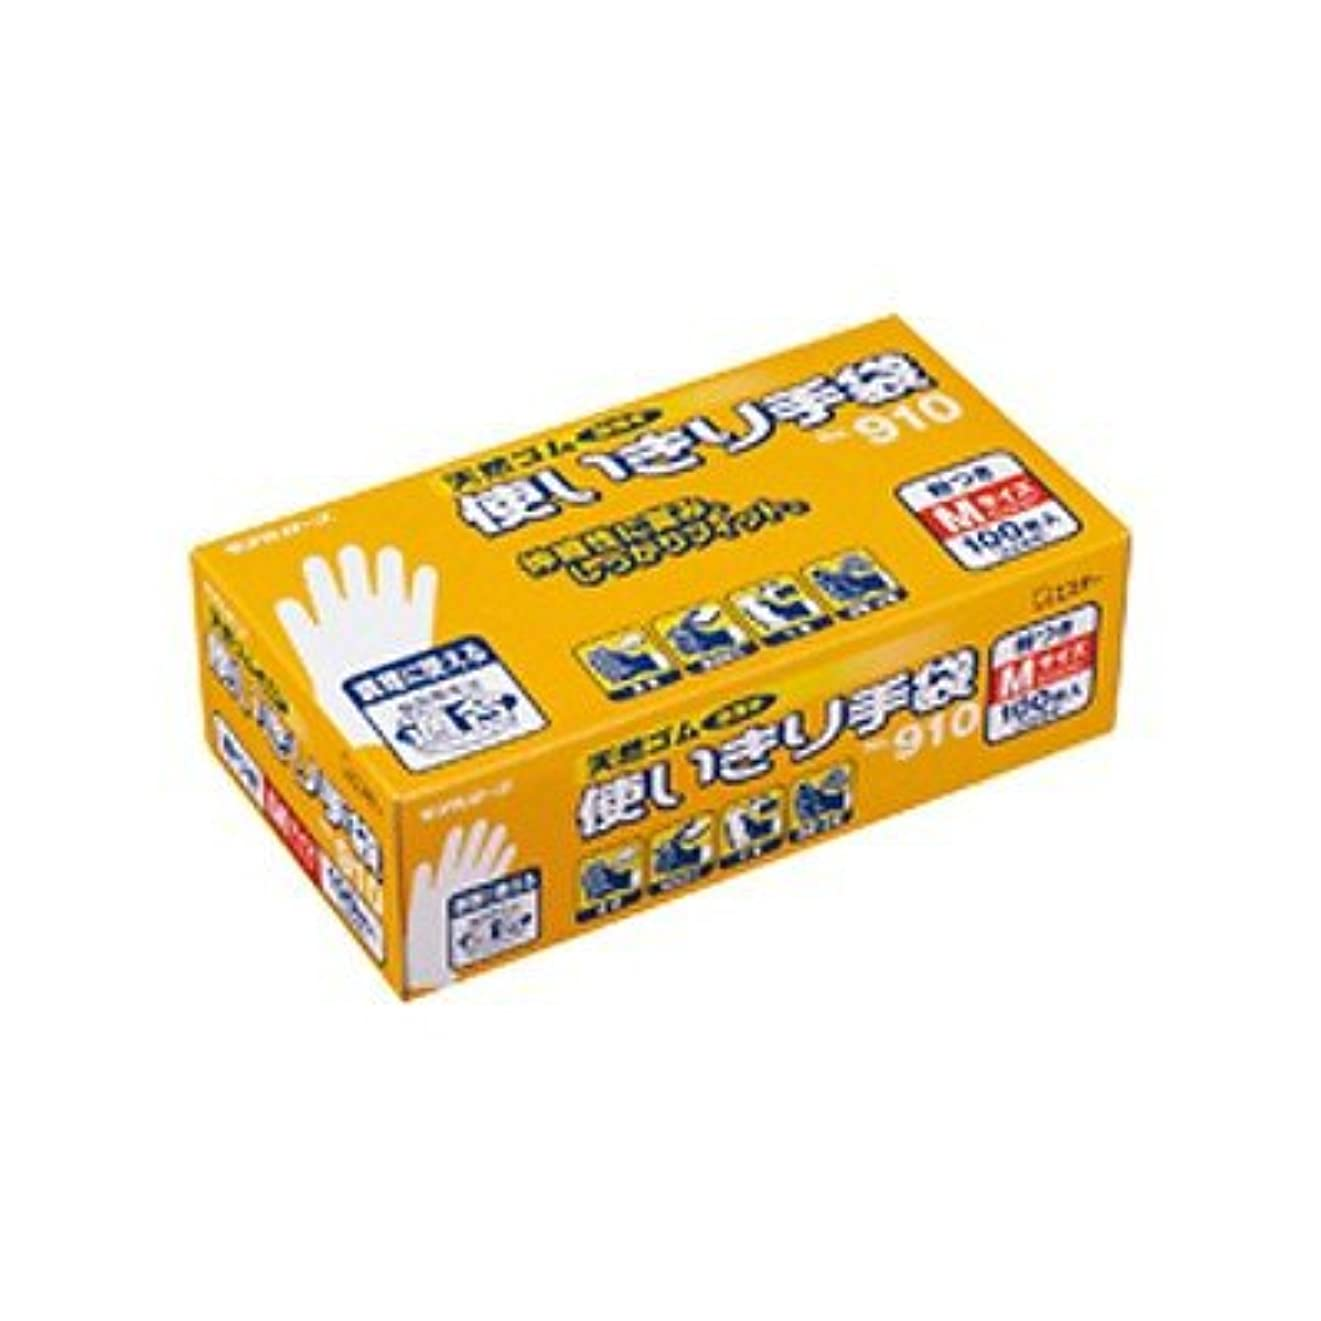 天然ゴム使いきり手袋(粉付き)No910 M 全長240mm 100枚 品番:741991 注文番号:54683600 メーカー:エステー